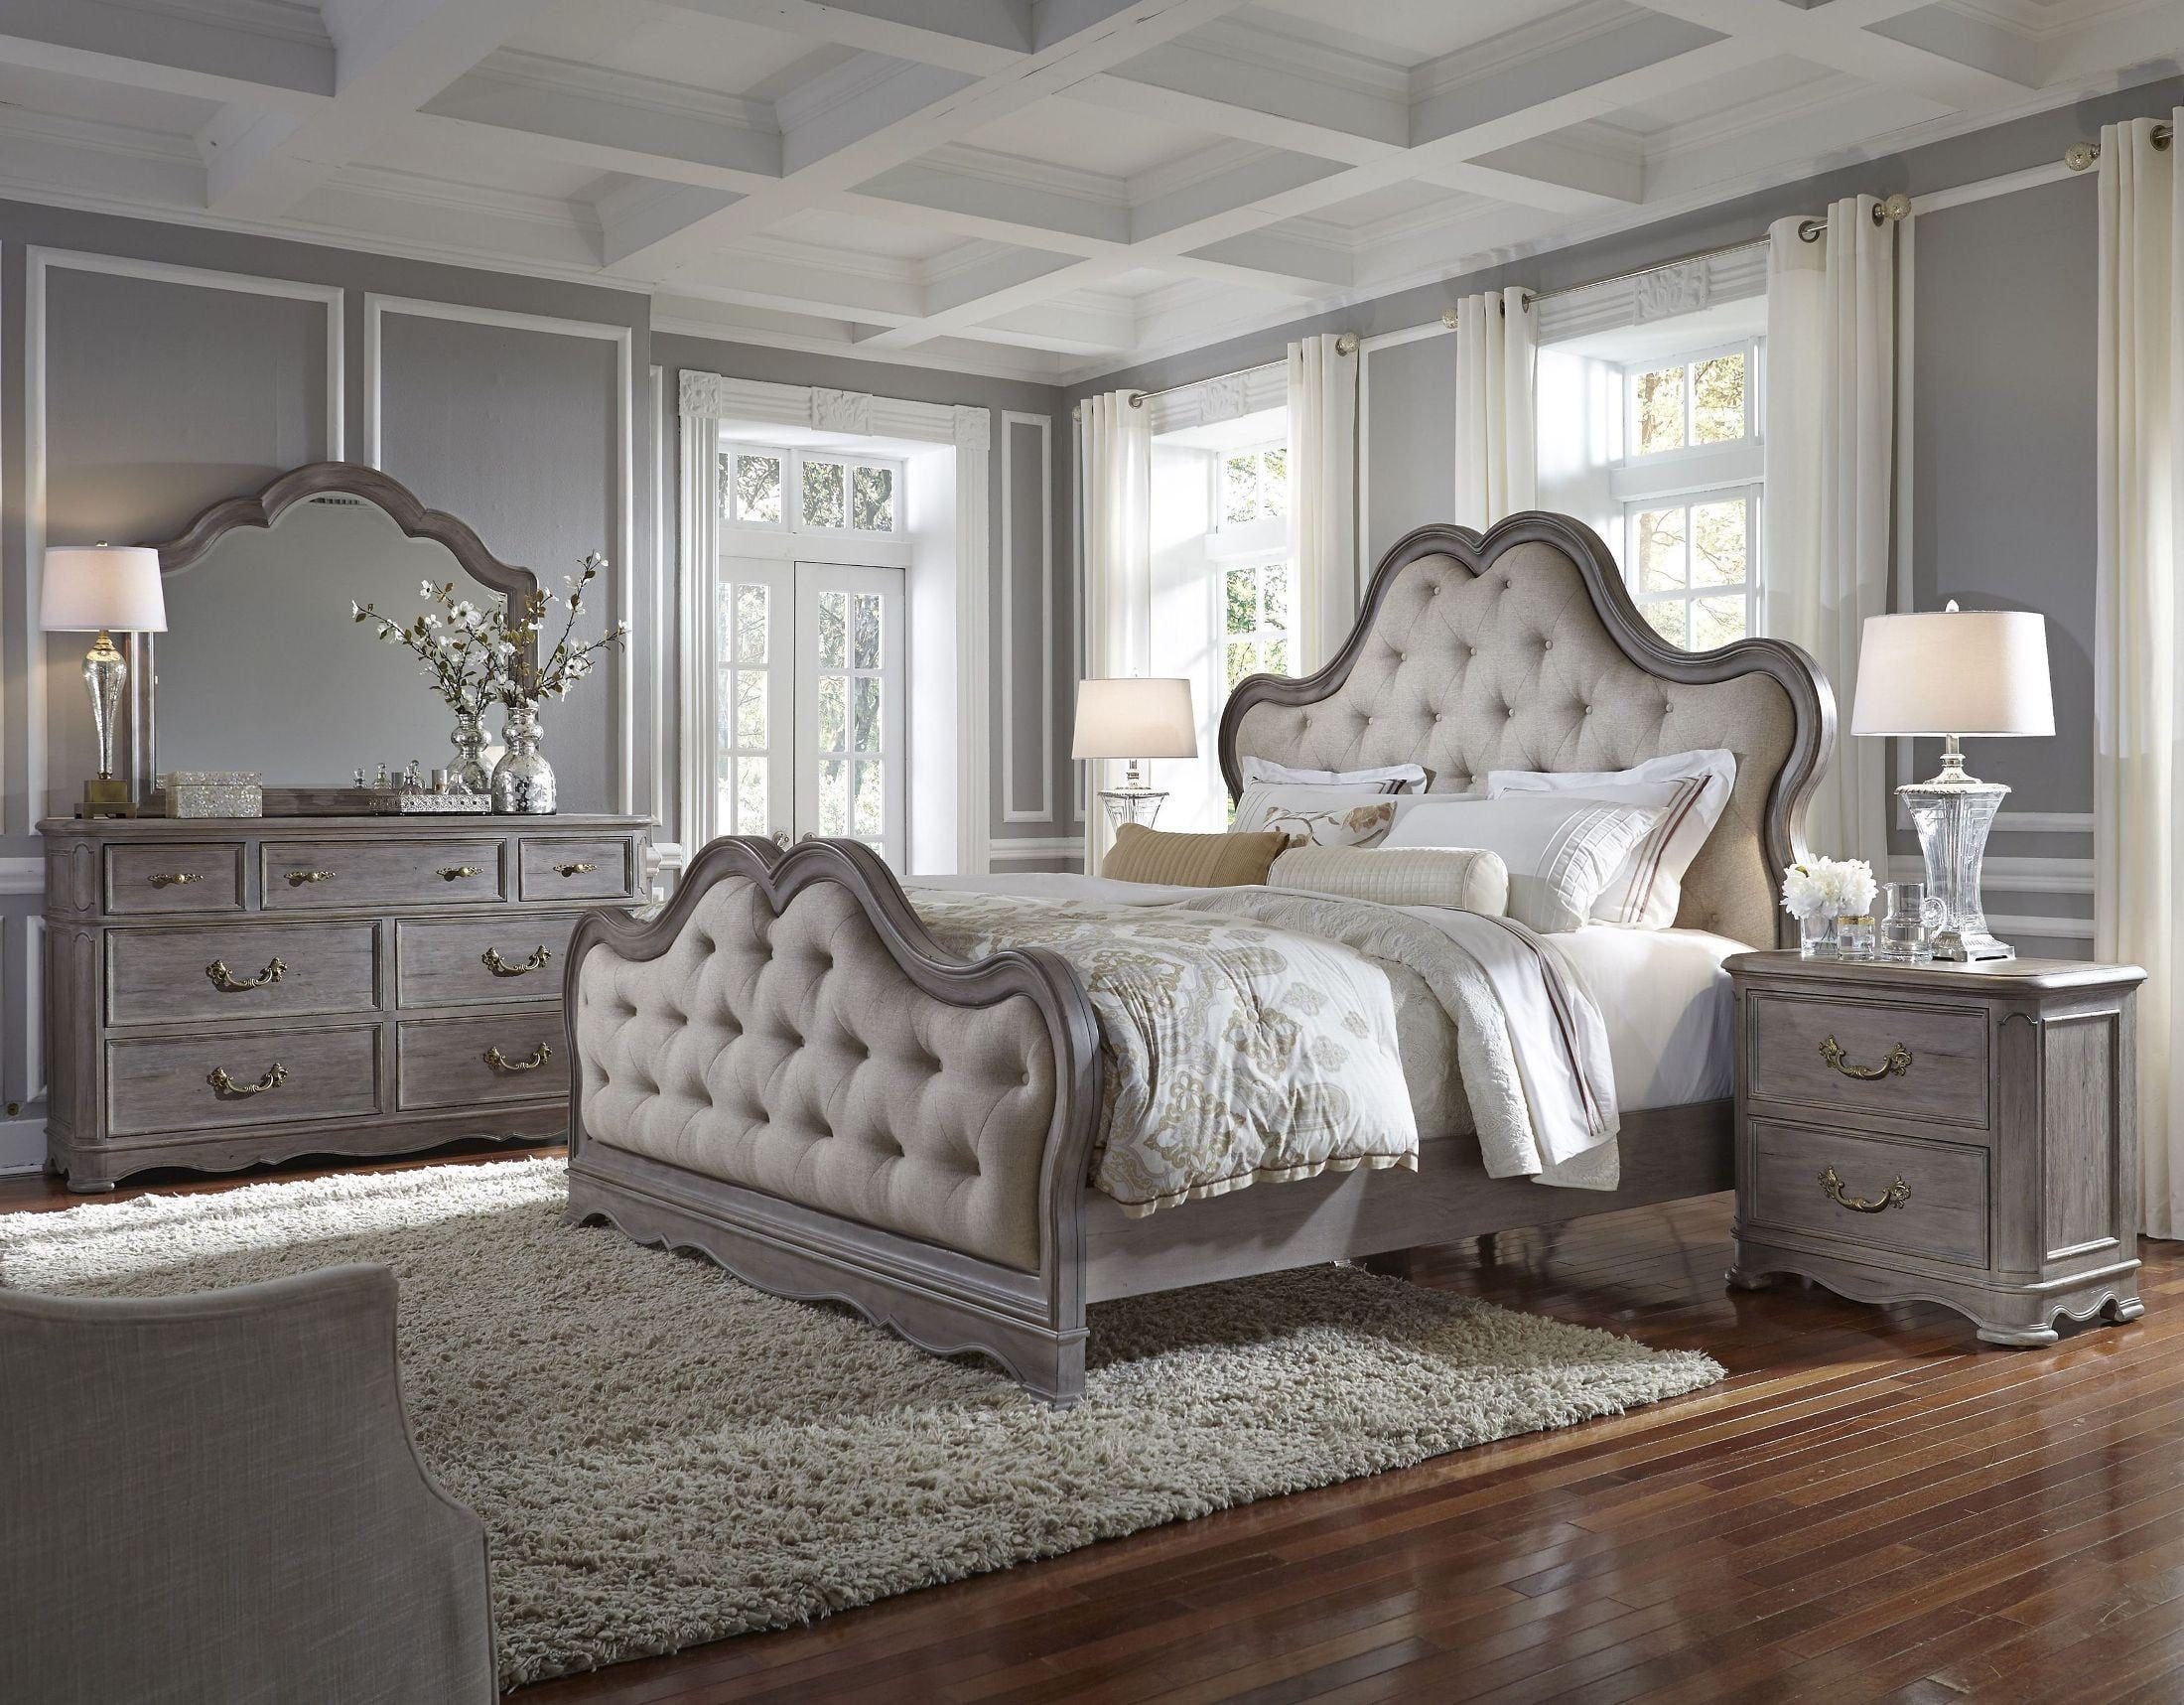 Palmer Warm Weathered Grey Upholstered Panel Bedroom Set Upholstered Bedroom Set Upholstered Bedroom Bedroom Set